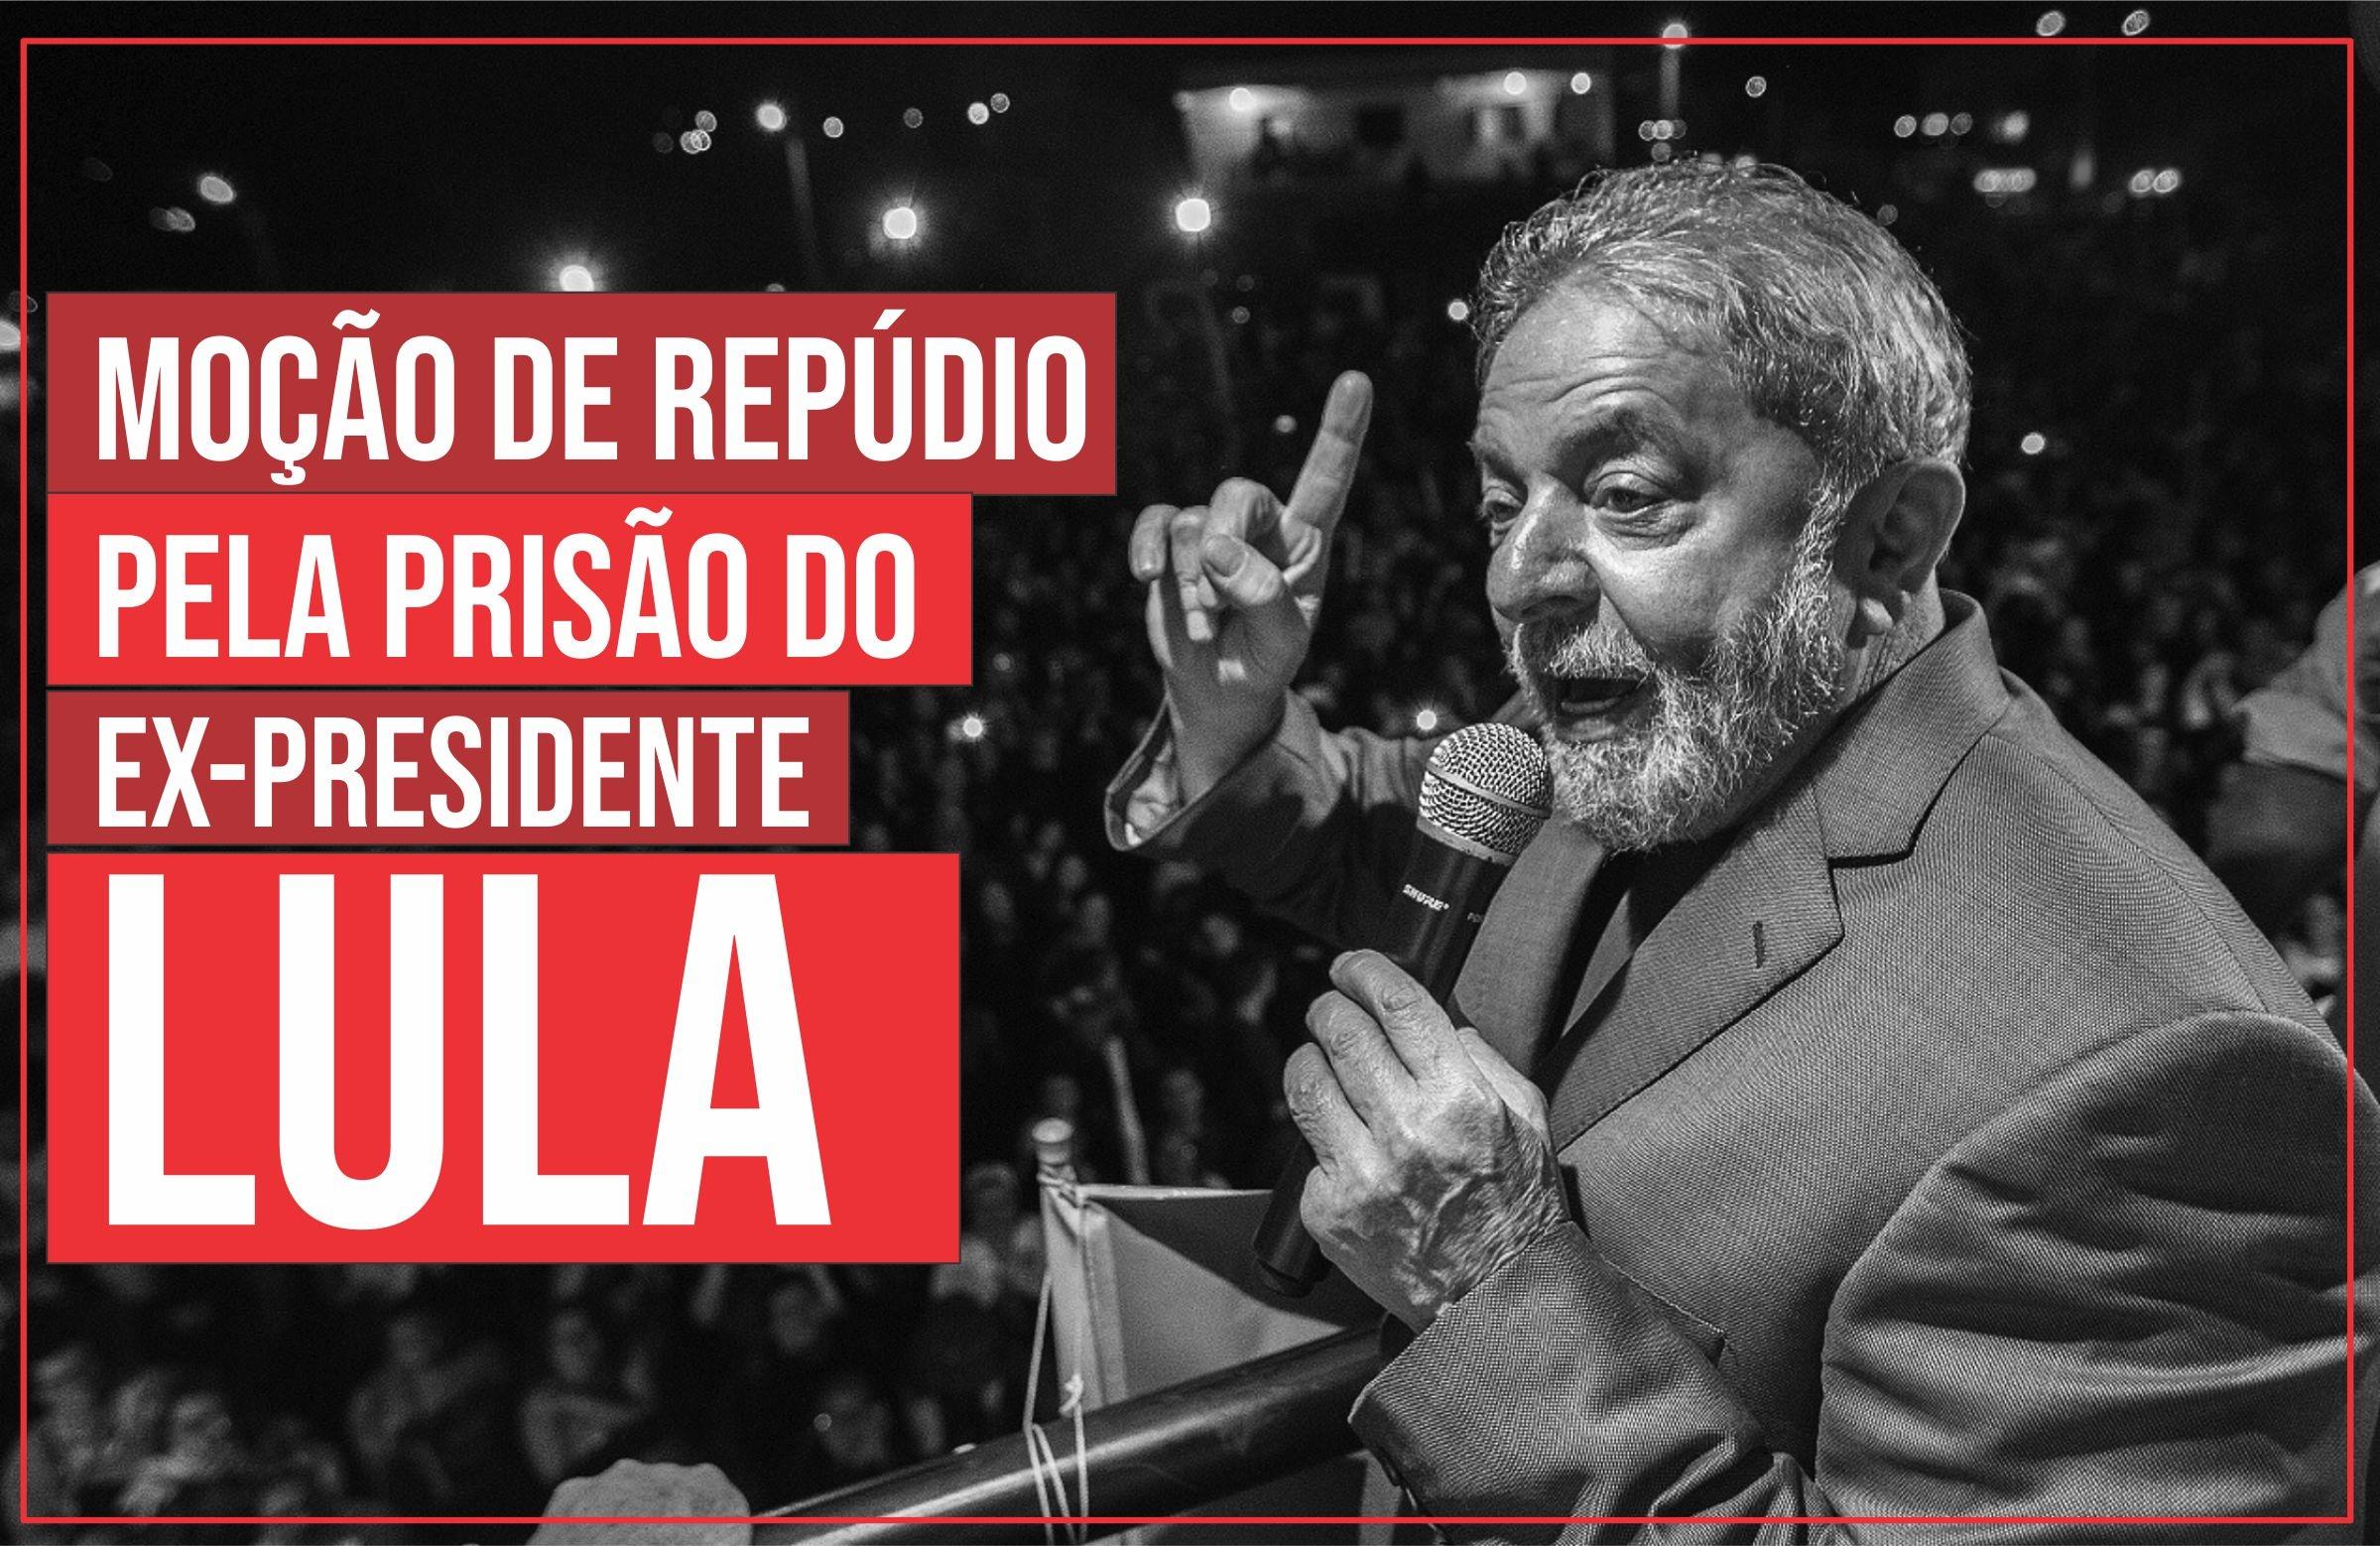 Moção de Repúdio – Decretação da prisão do ex-presidente Lula